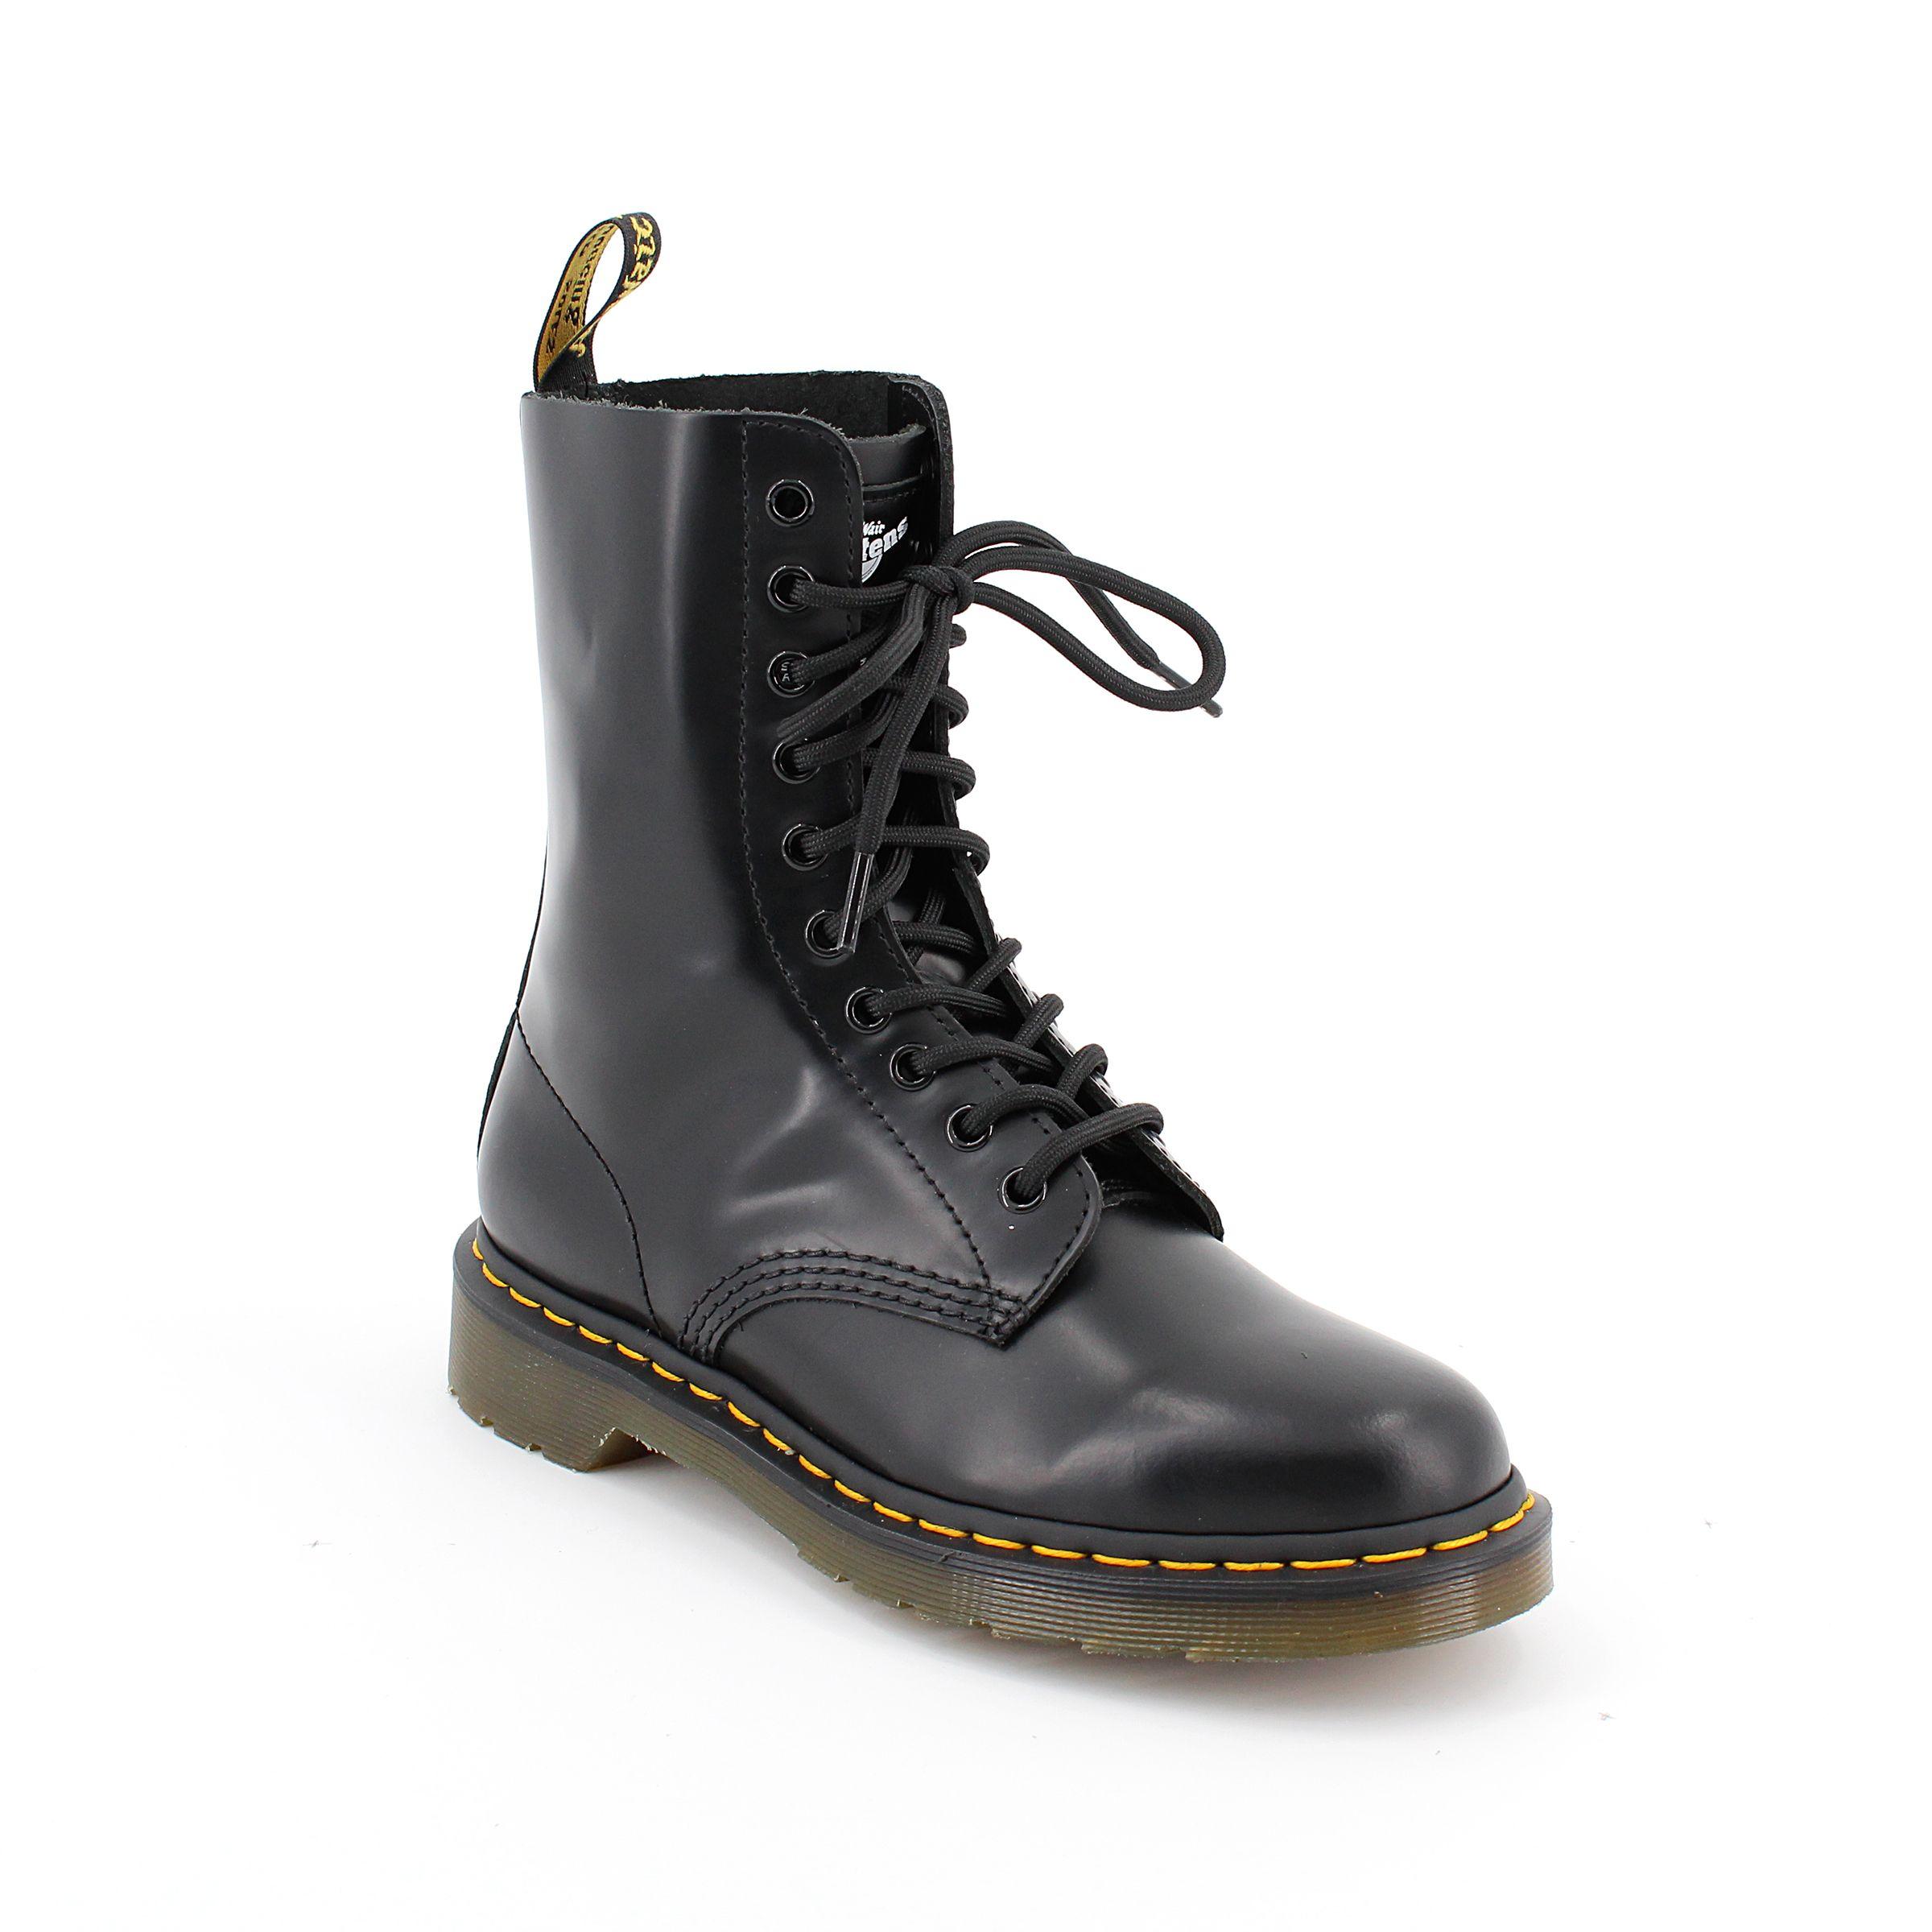 Dr. Martens X Marc Jacobs | Stivali, Scarpe e Accessori di